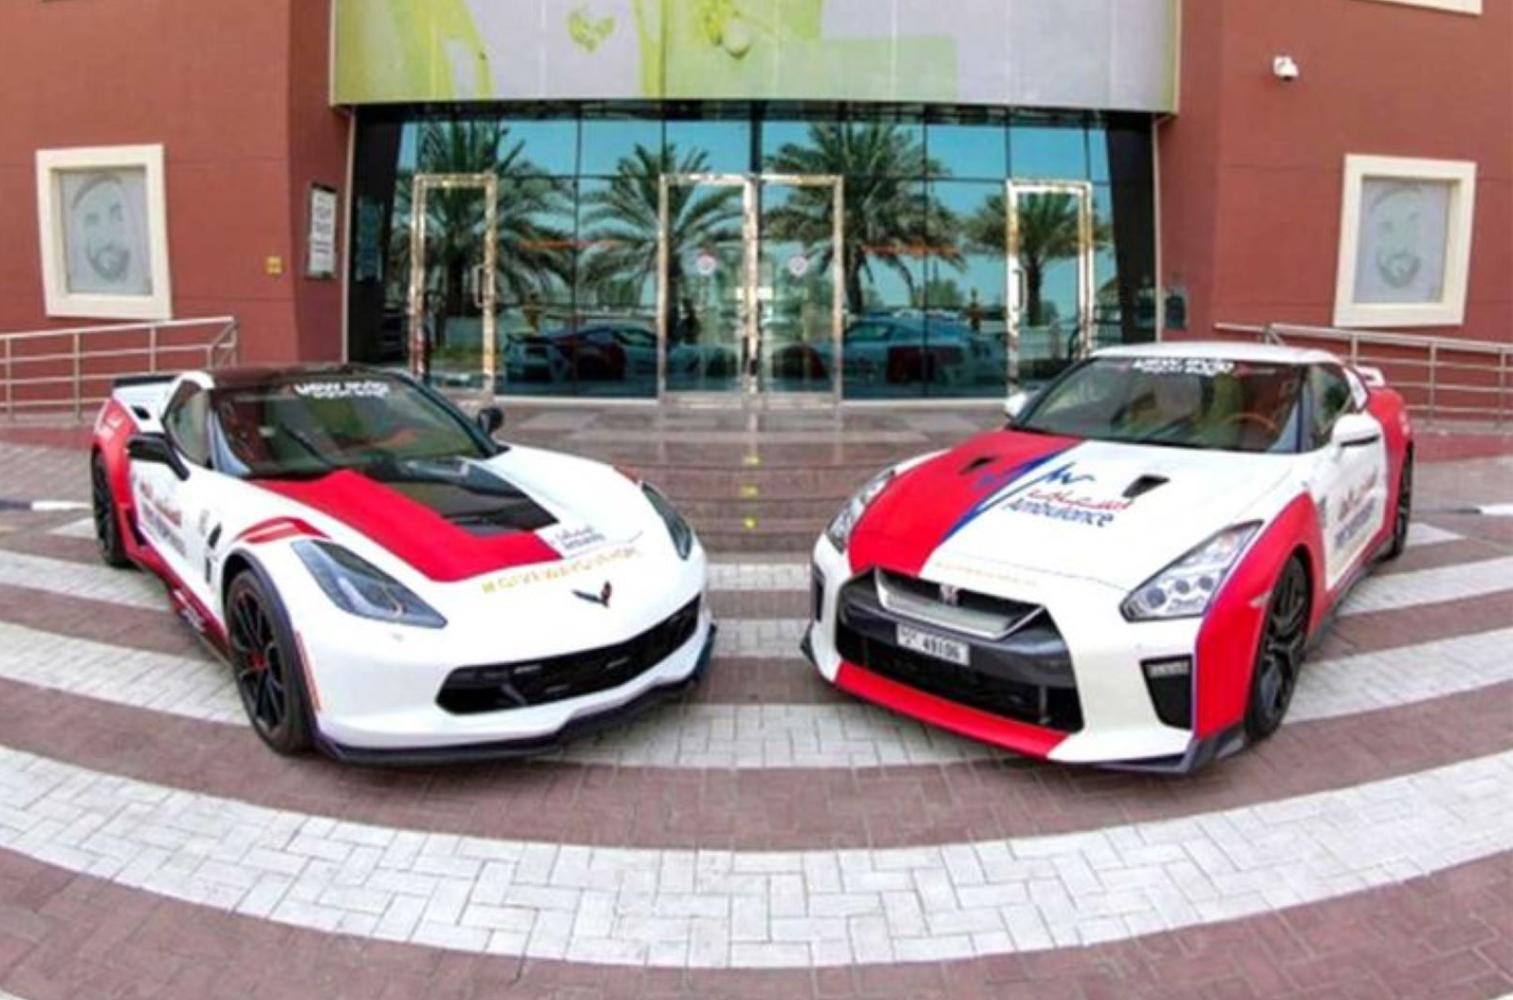 Исполнительный директор DCAS Халиф Бин Драи сообщил о пополнении автопарка скорой медицинской помощи Дубая тремя новыми автомобилями: мощным внедорожником «Рэндж Ровер» и суперкарами Chevrolet Corvette C7 и Nissan GT-R.